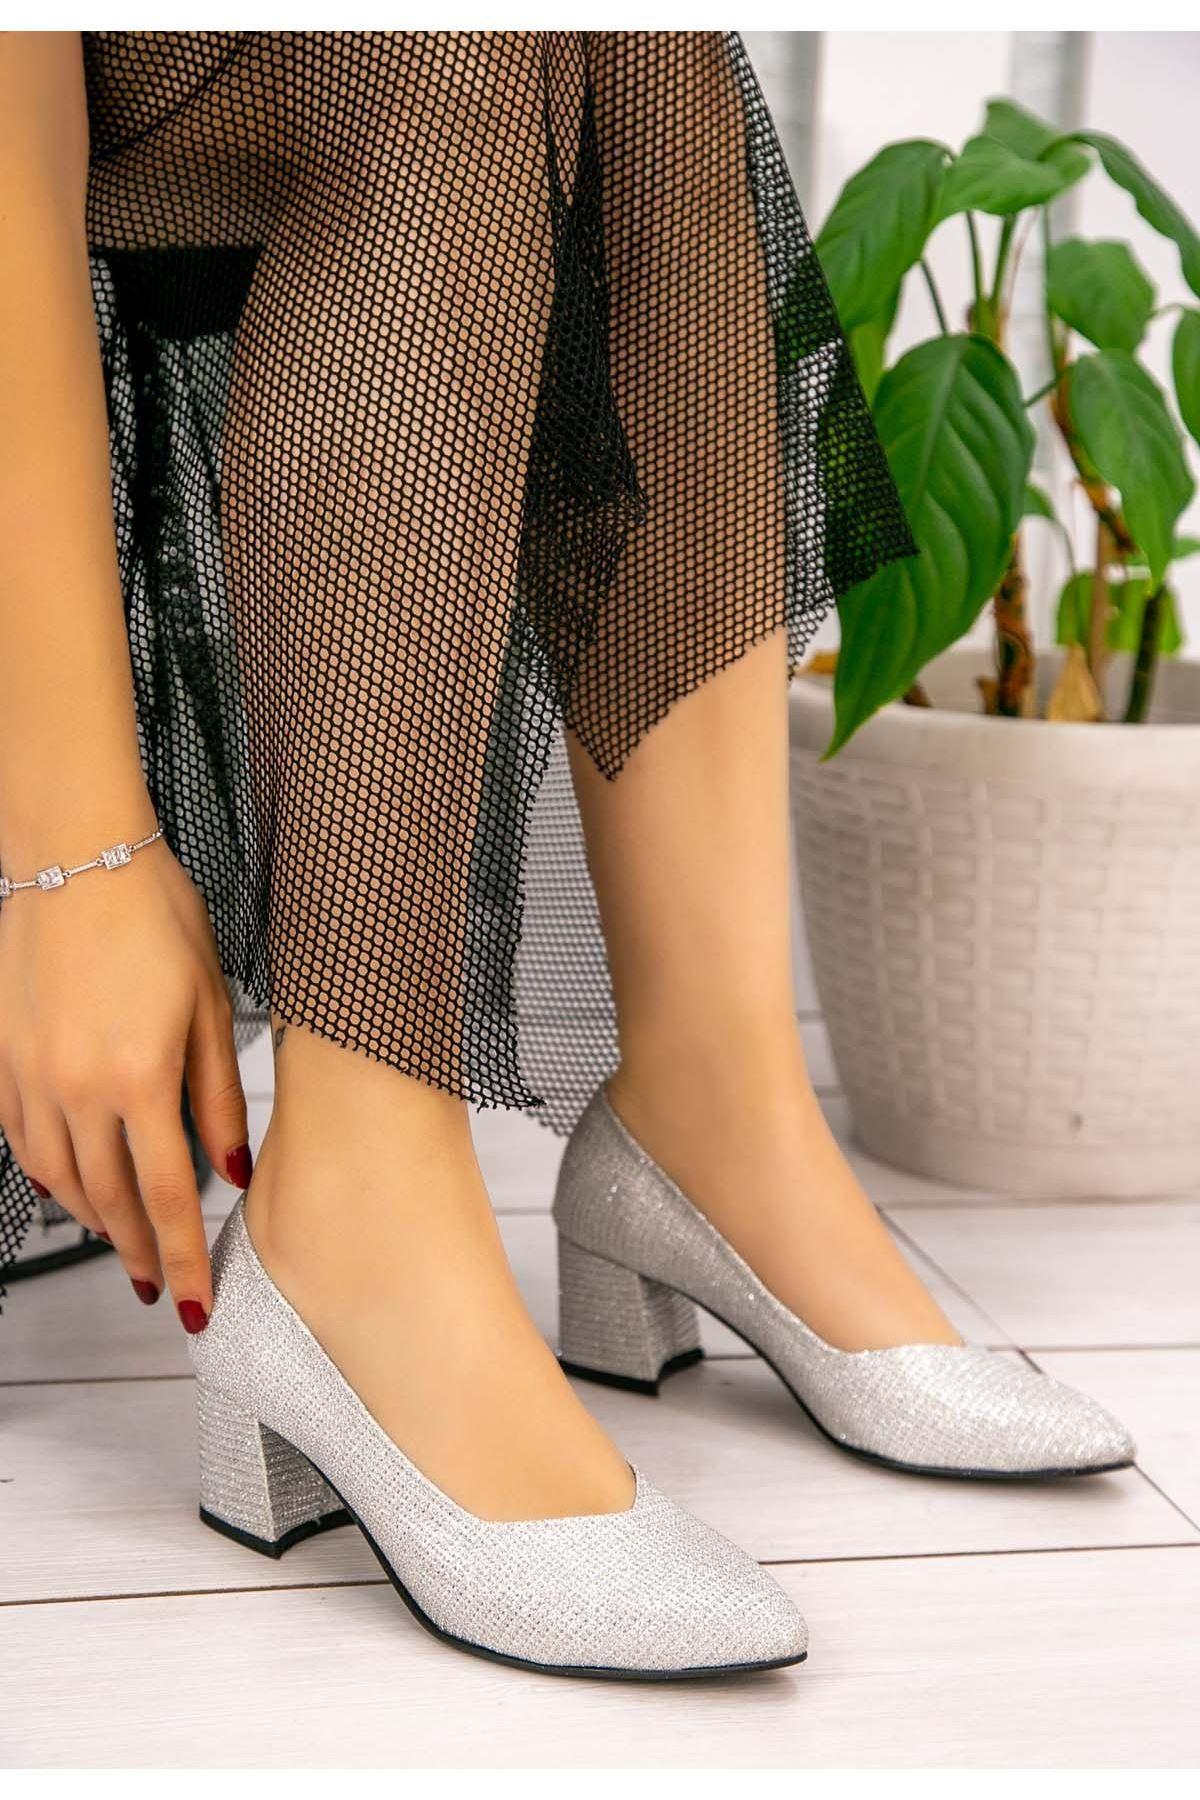 Tammy Gümüş Simli Topuklu Ayakkabı